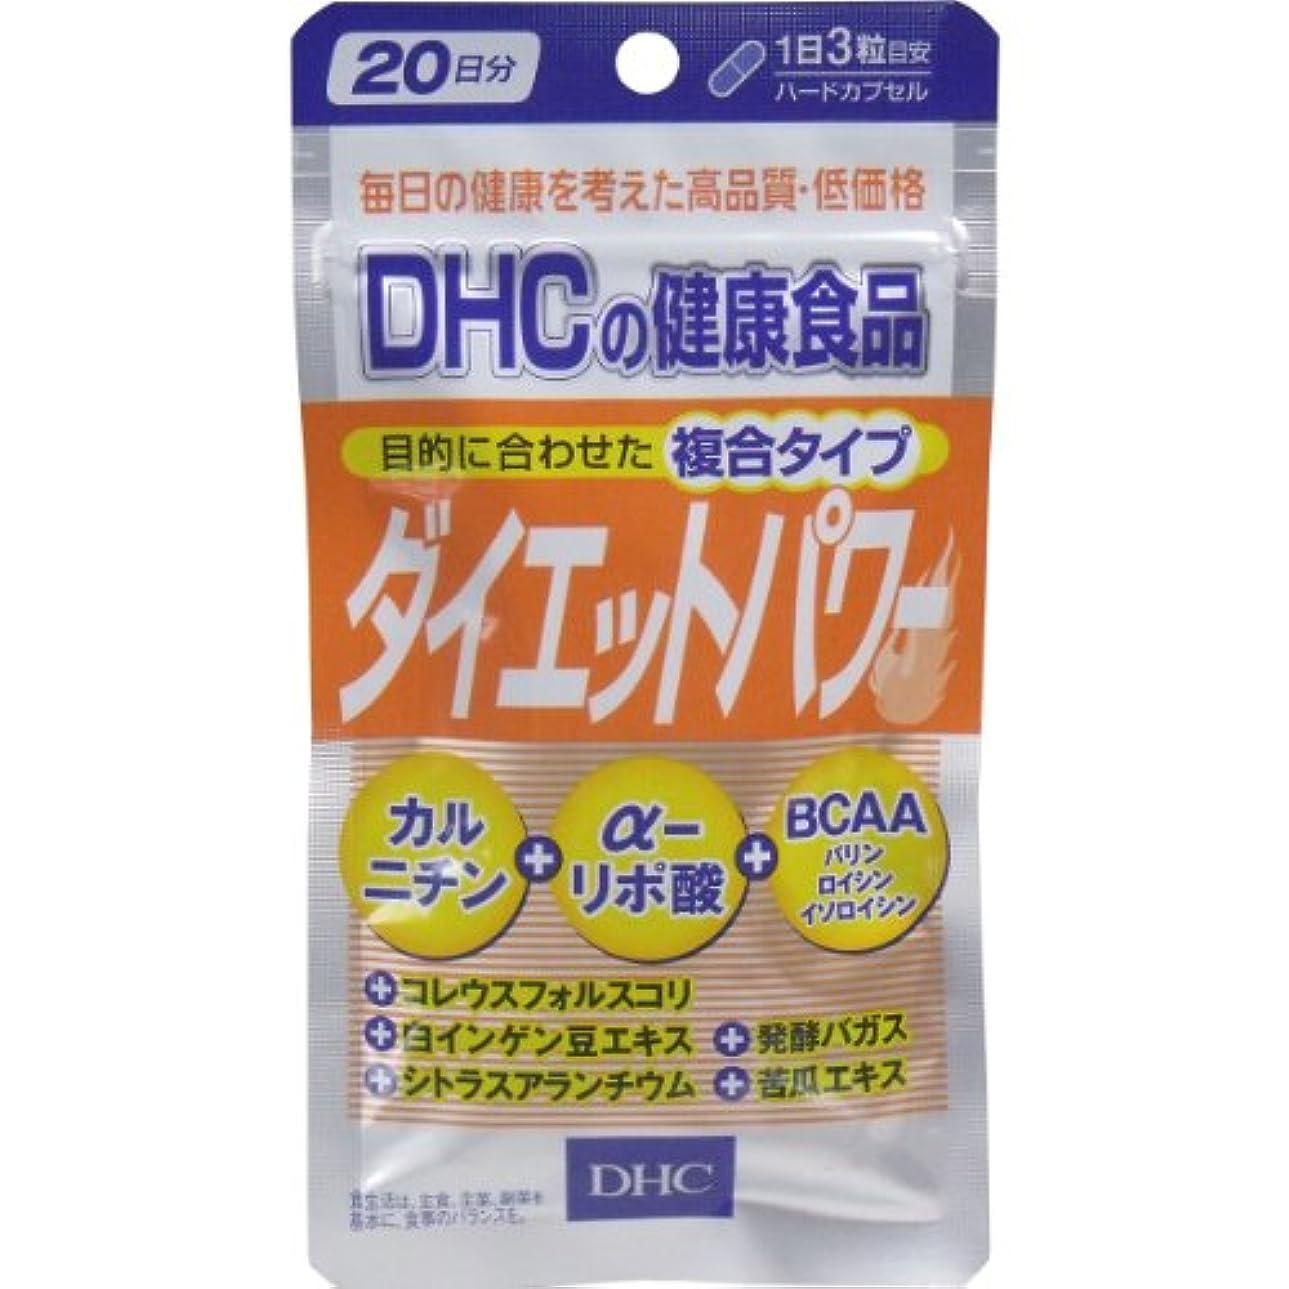 最小まもなく漁師DHC ダイエットパワー 60粒入 20日分